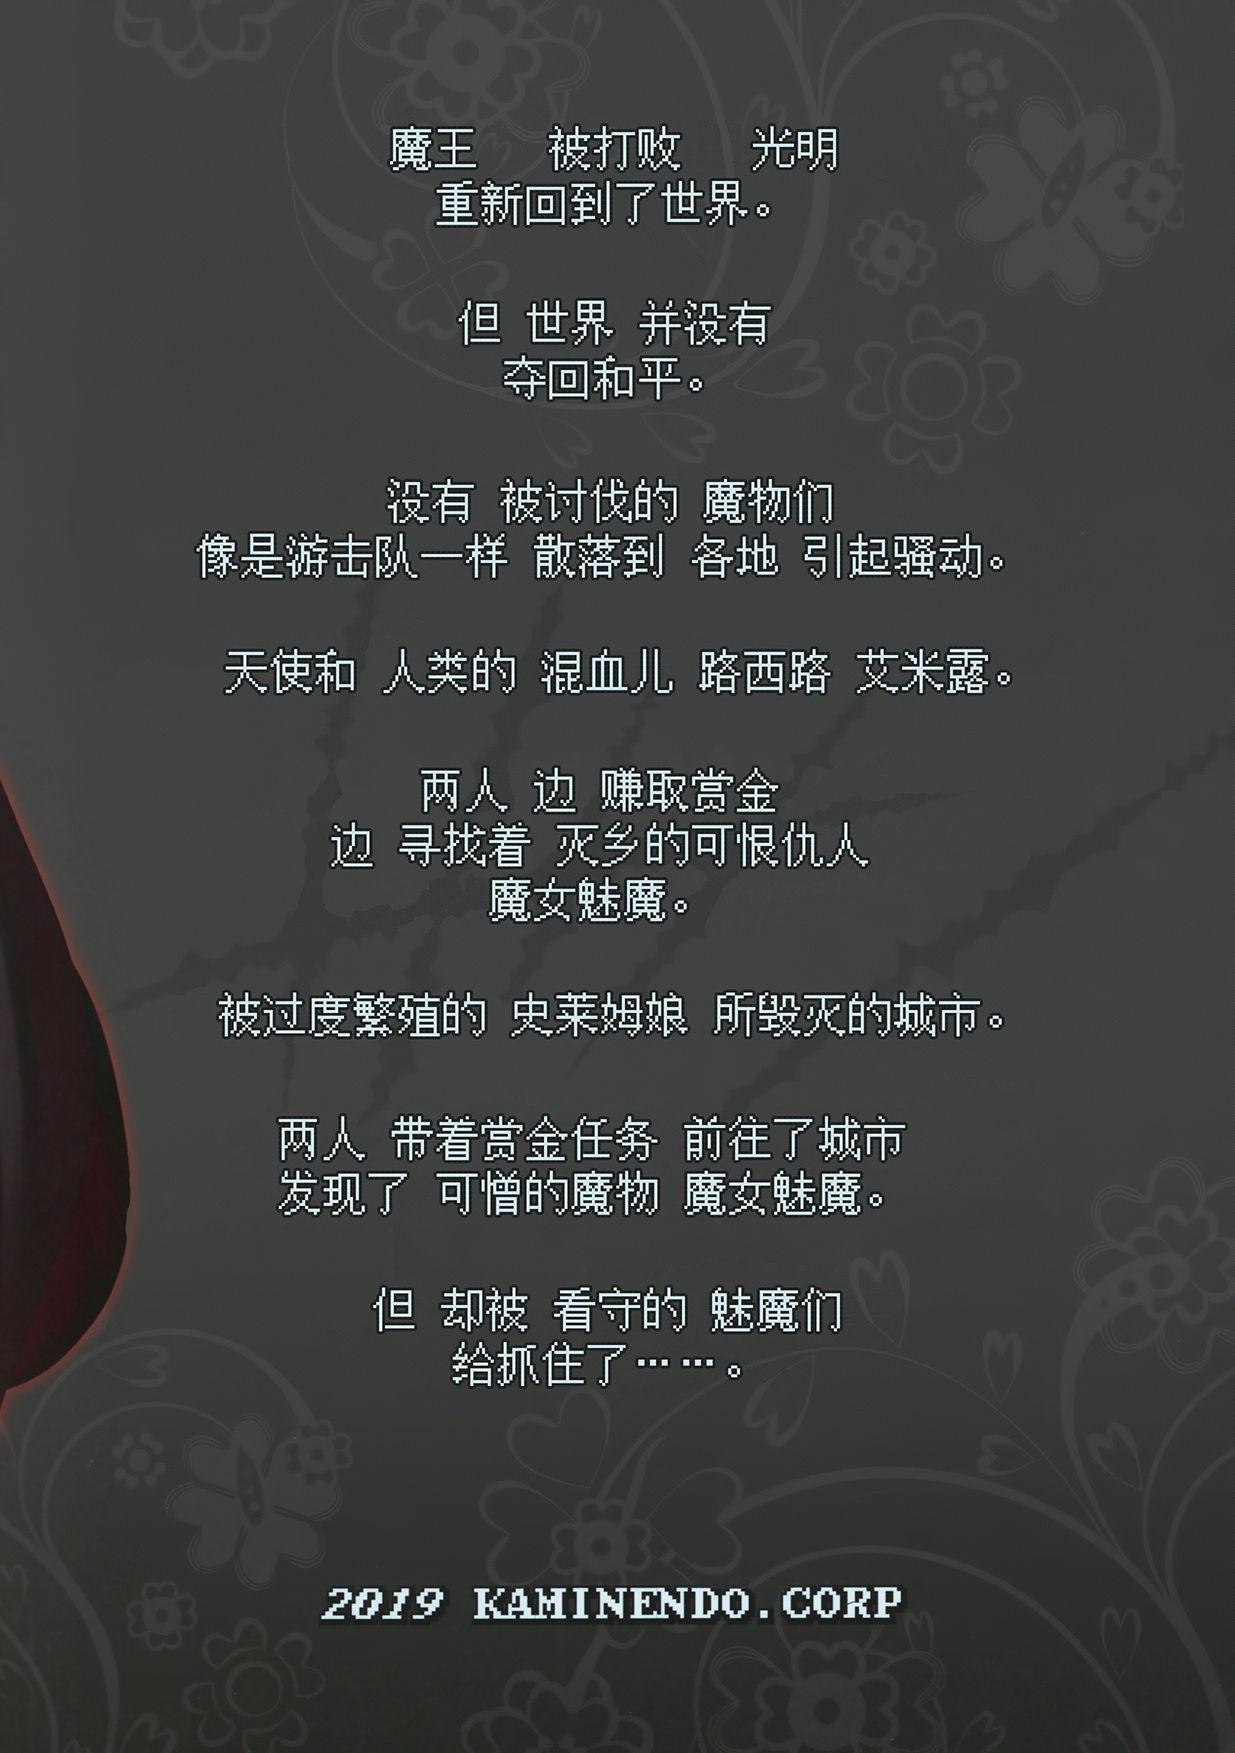 Makotoni Zannen desu ga Bouken no Sho 6 wa Kiete Shimaimashita. 34